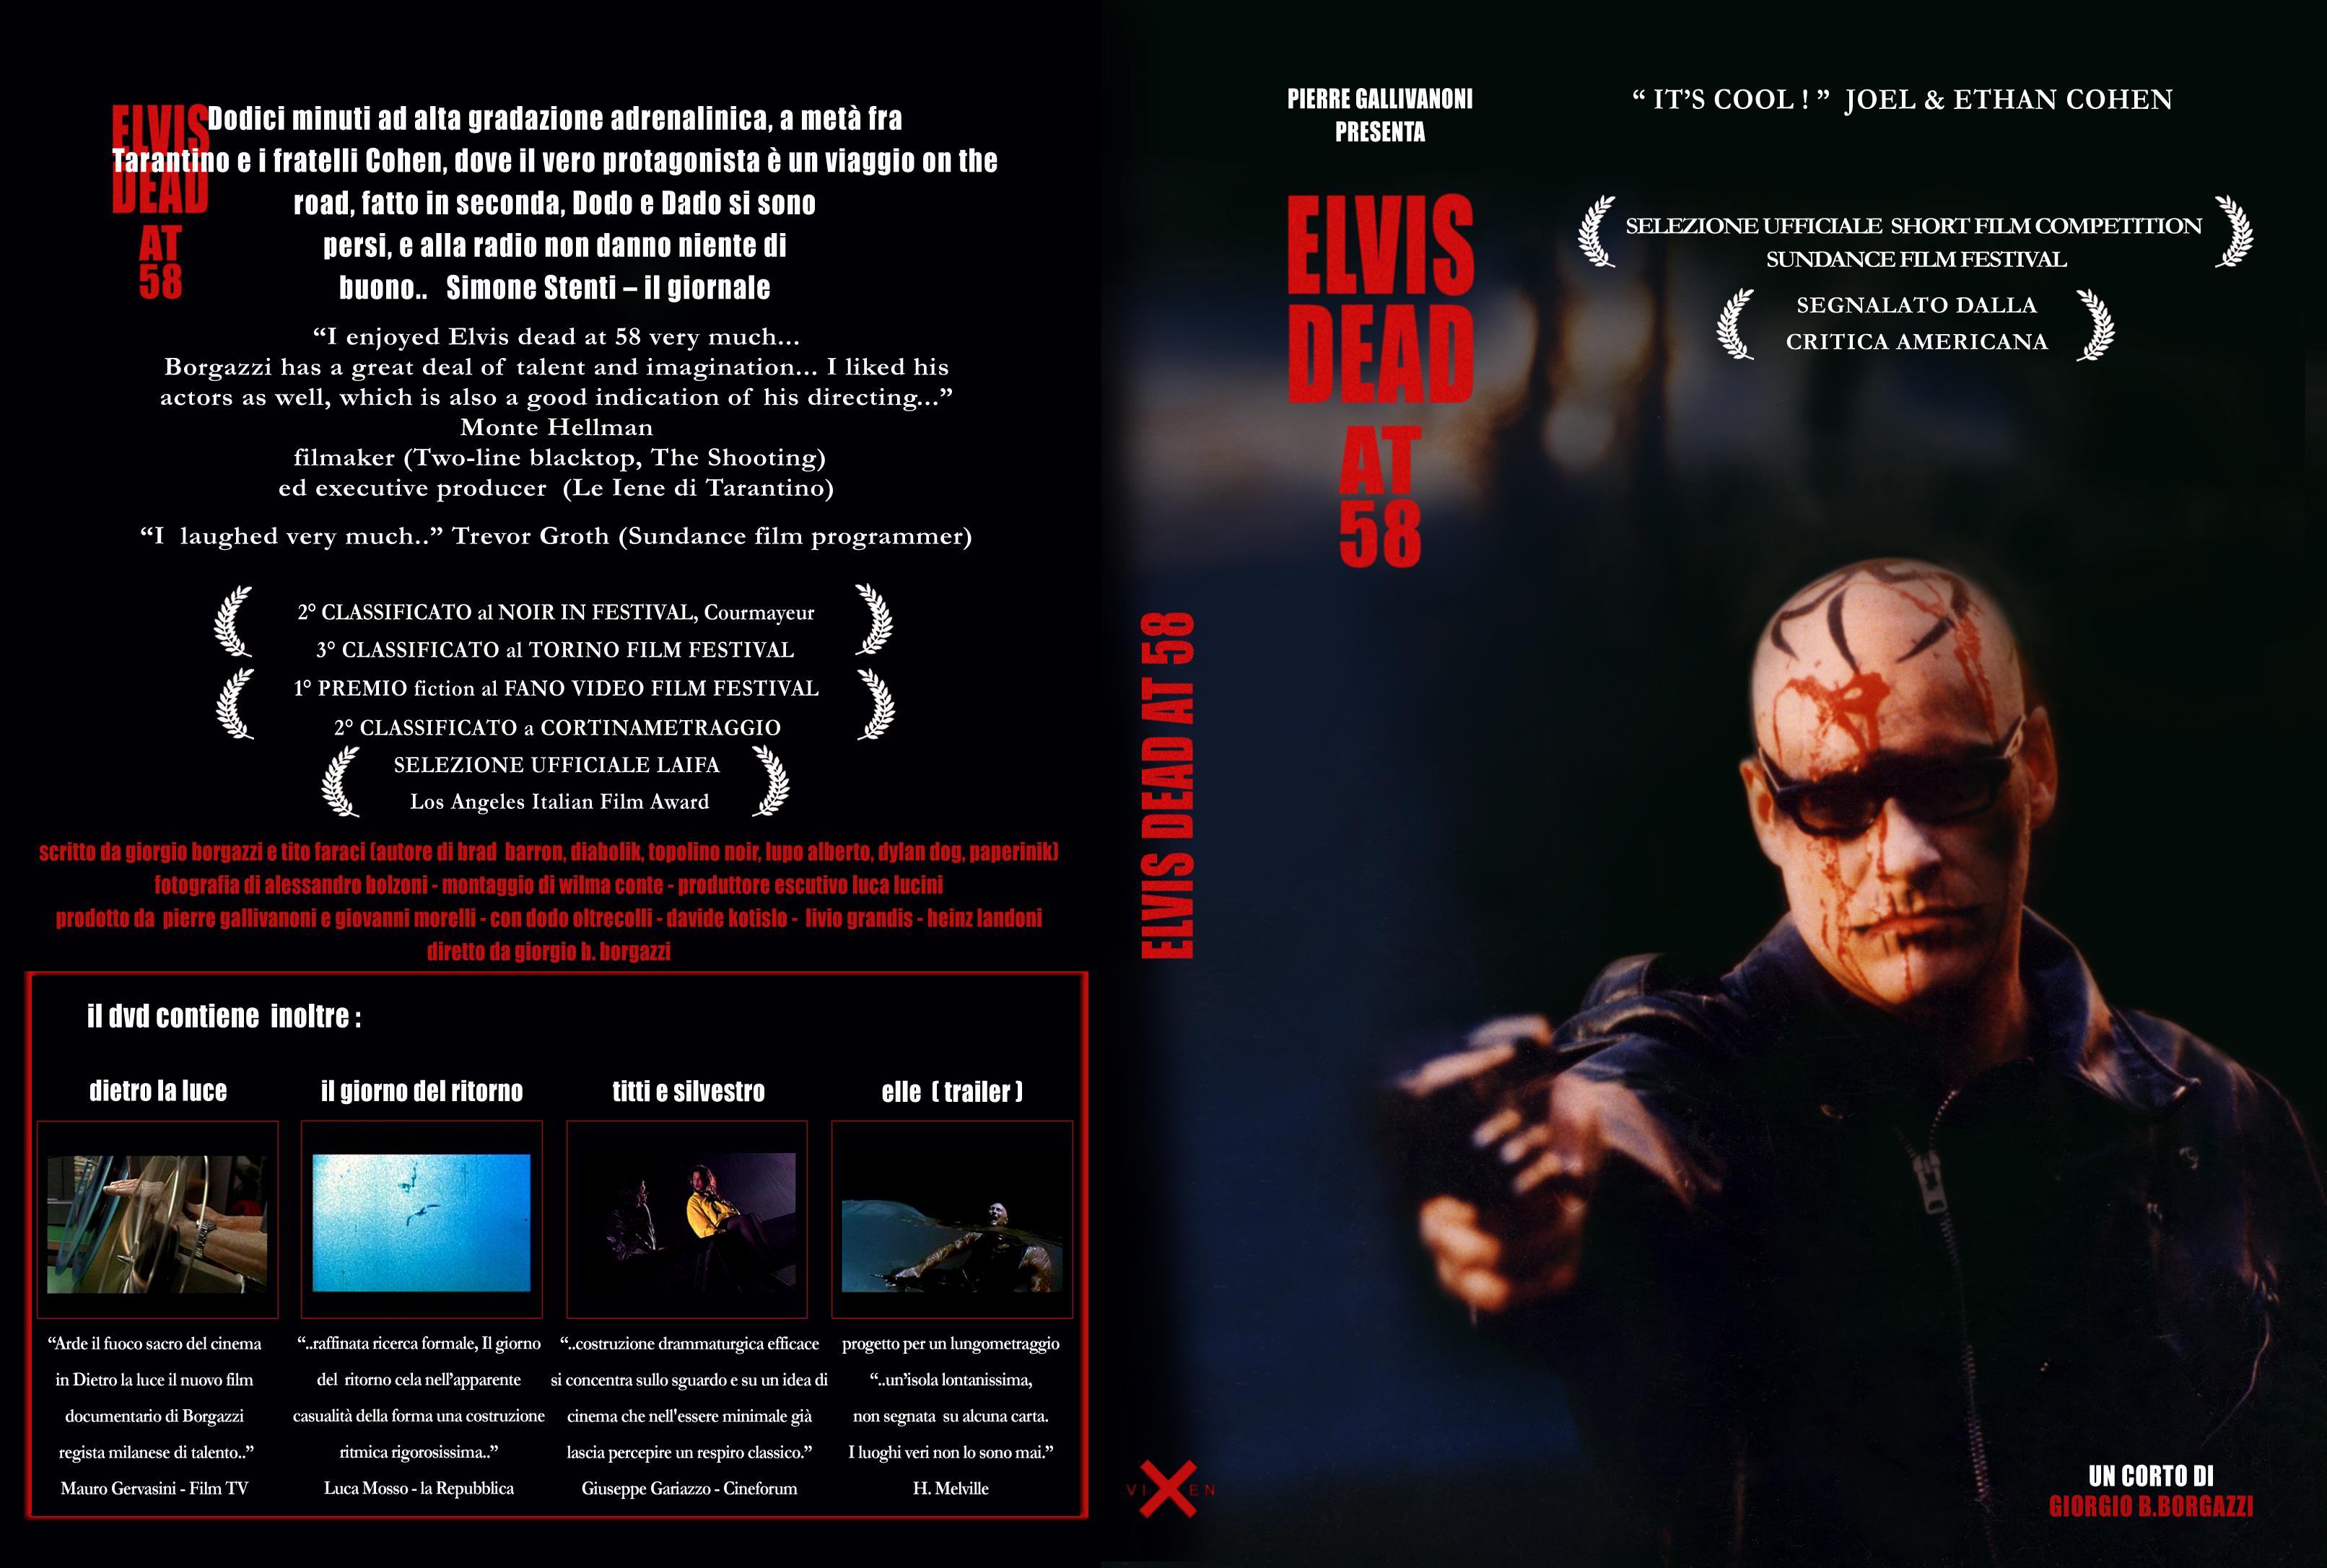 poster for shortfilm ELVIS DAED AT 58 - SUNDANCE FILM FESTIVAL 1998